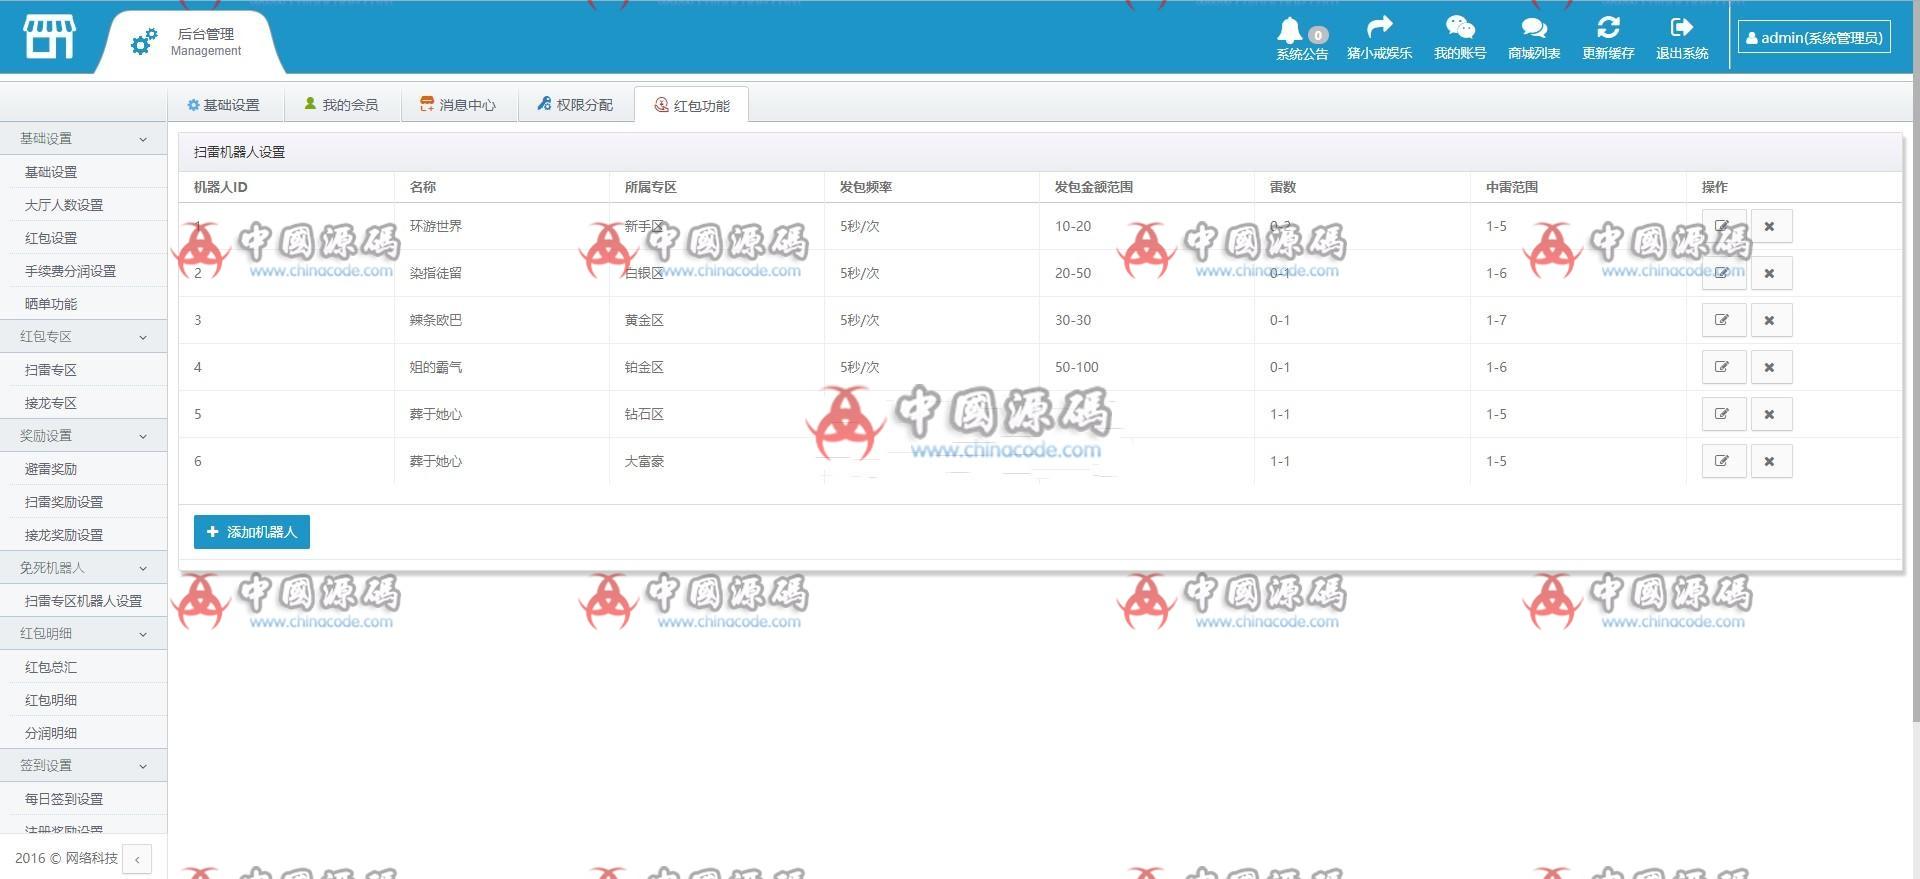 免公众号九州红包扫雷源码接龙+已对接支付+完整可运营+带附安装教程+机器人 H5-第4张